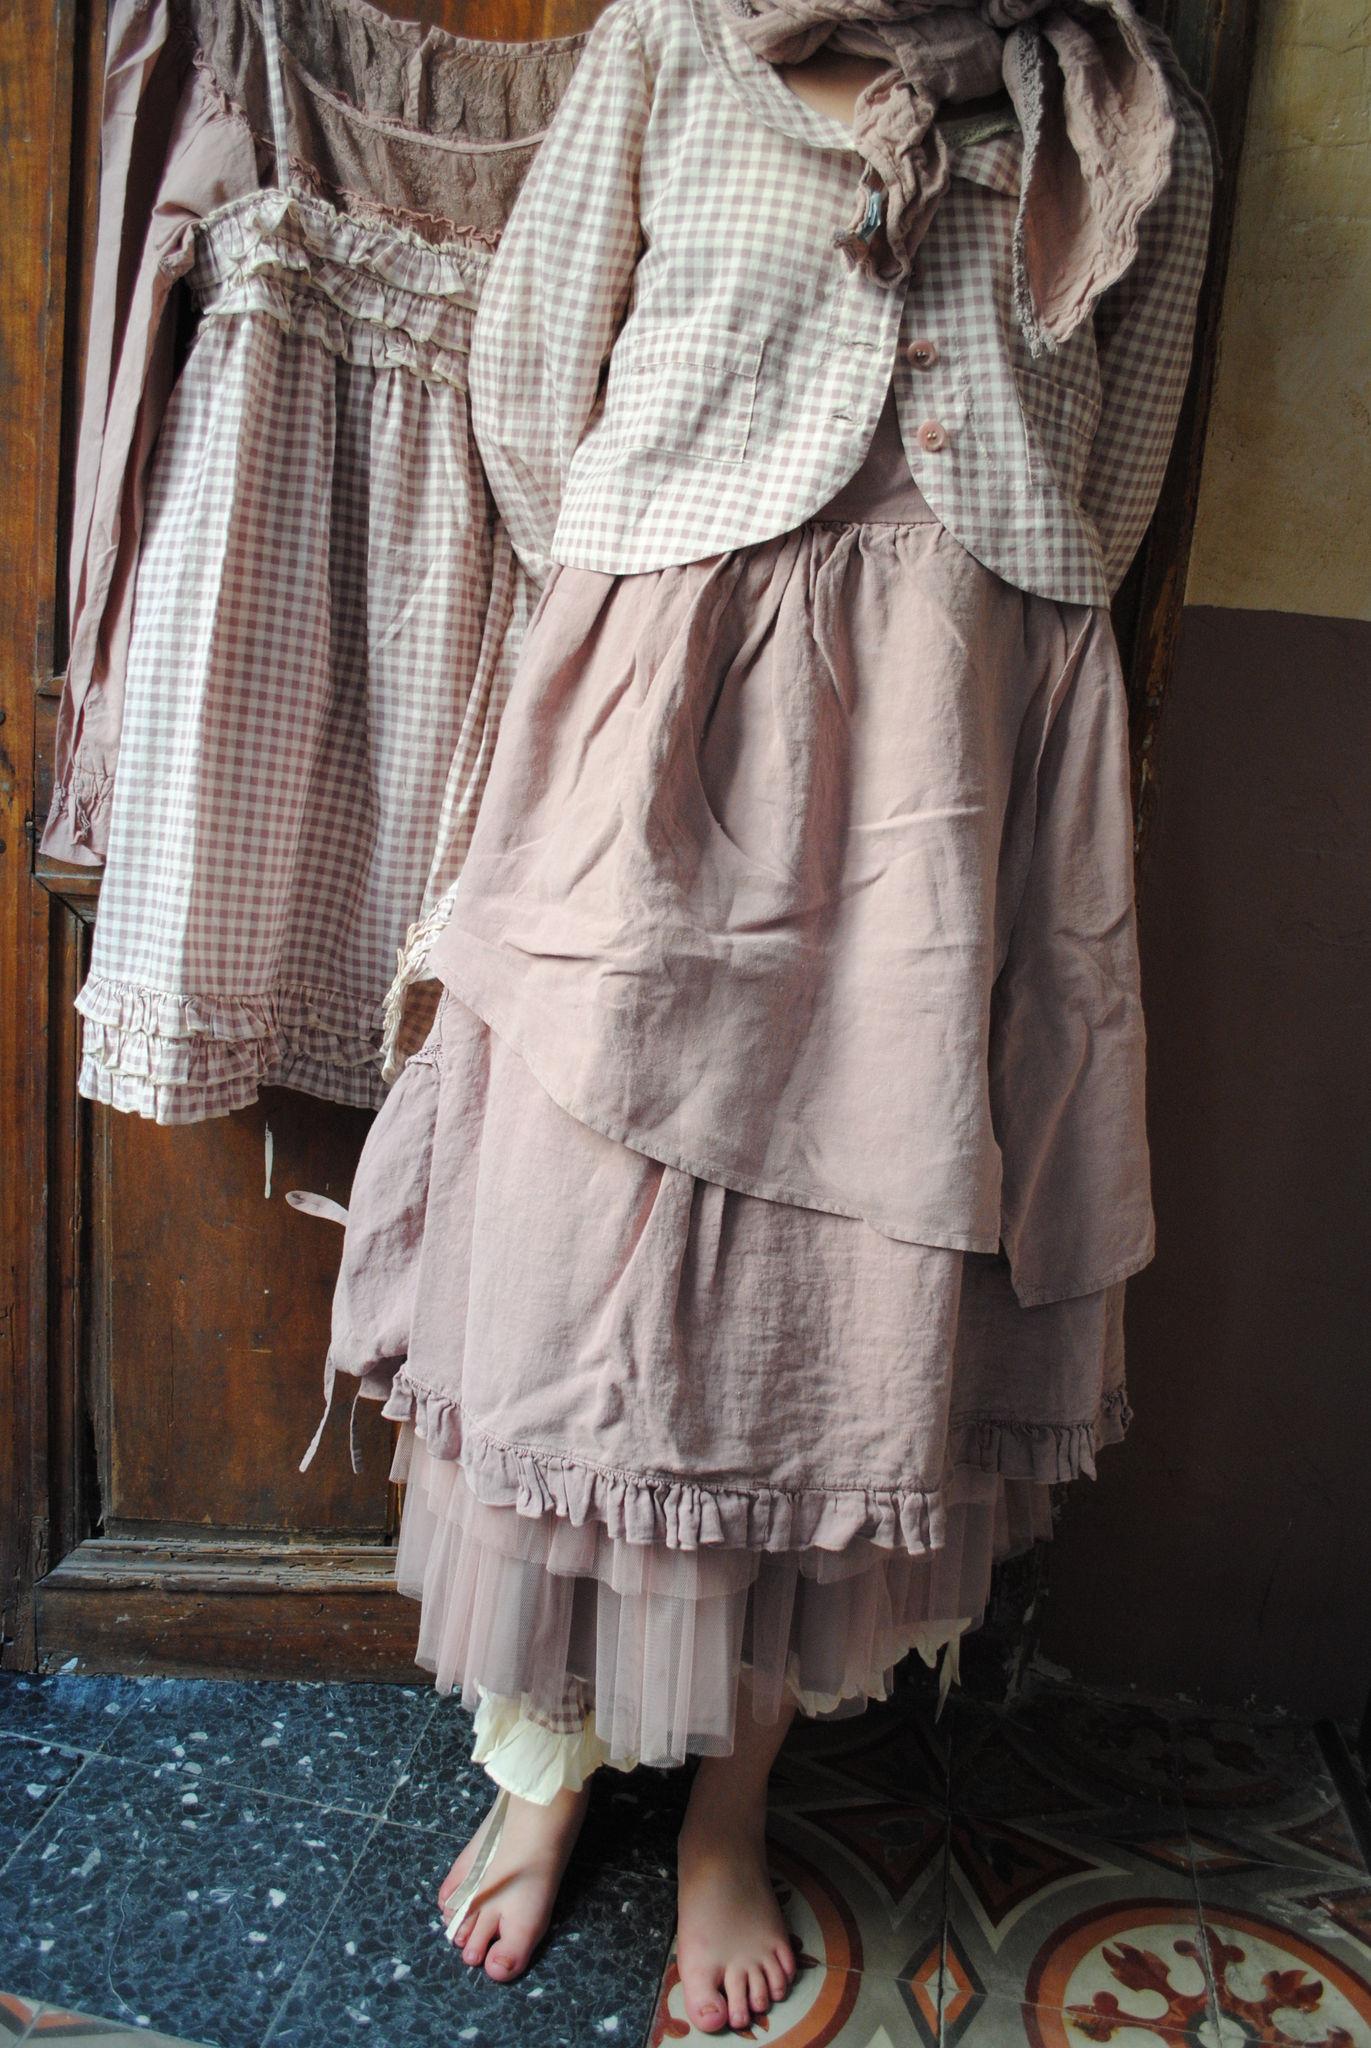 http://p7.storage.canalblog.com/70/81/647625/84174571_o.jpg